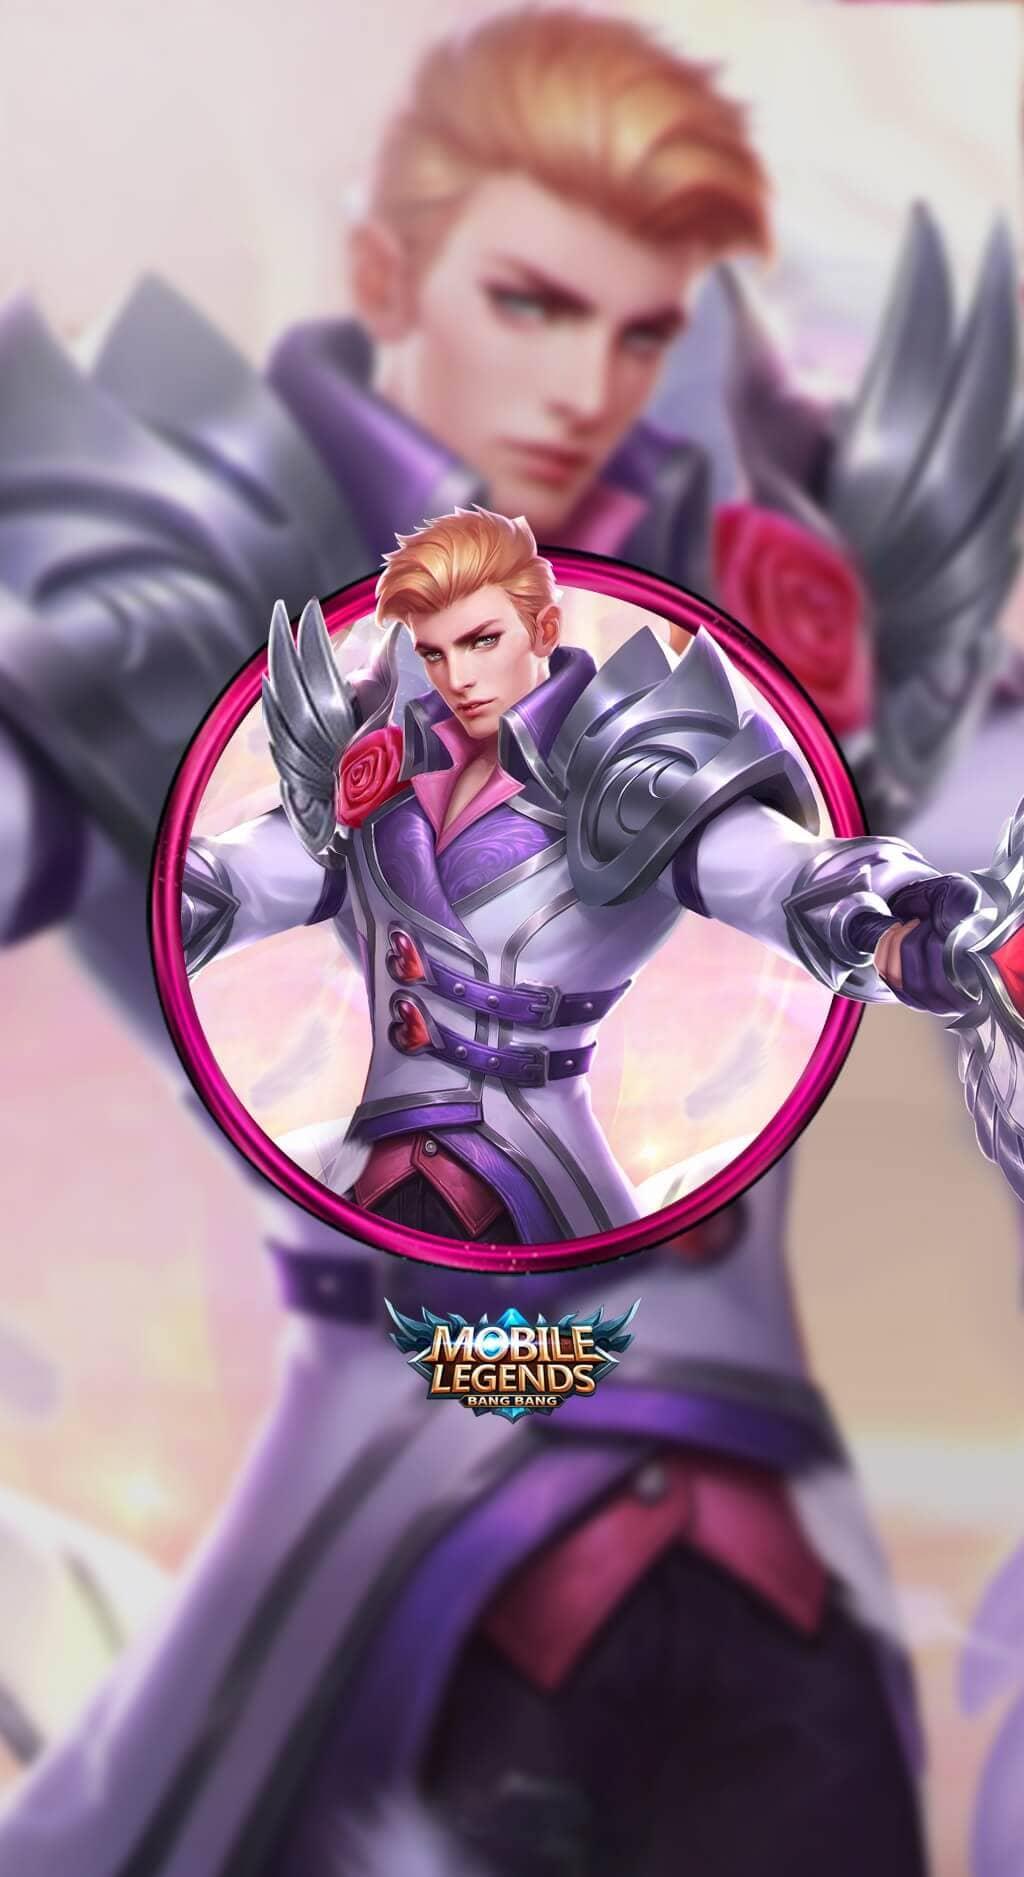 Wallpaper Alucard Romantic Fantasy Skin Mobile Legends HD for Mobile - Hobigame.net